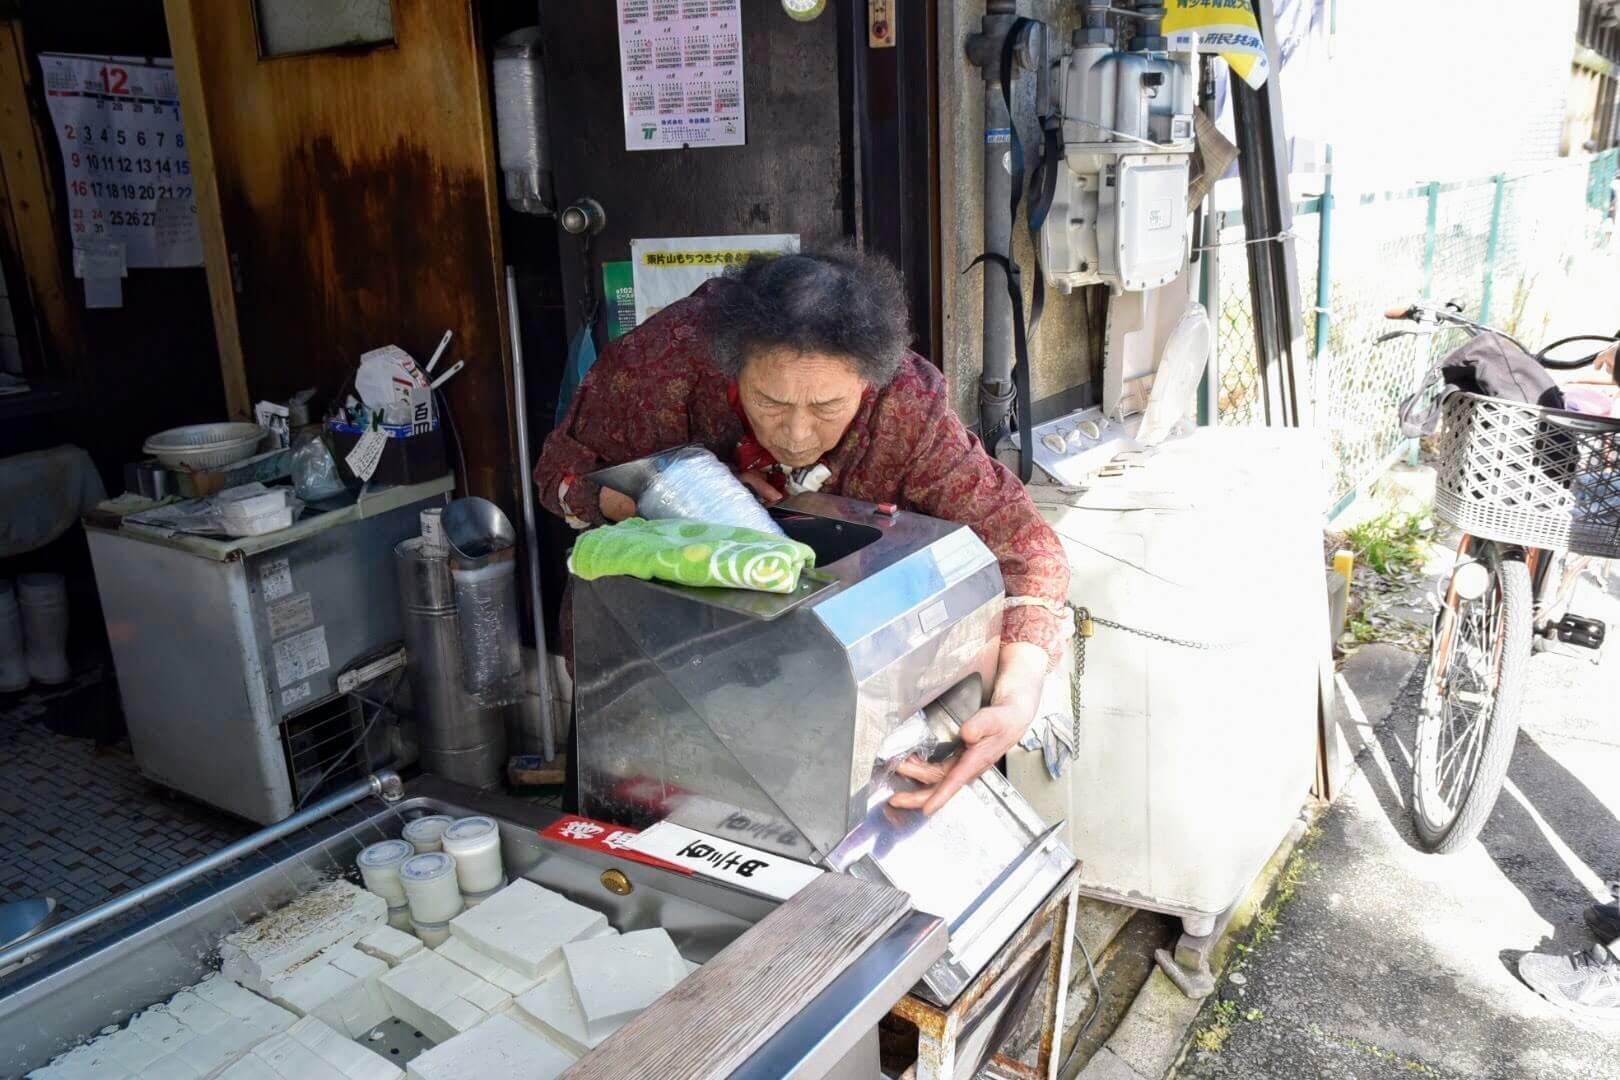 専用の機械に豆腐を流し込むおばあちゃん